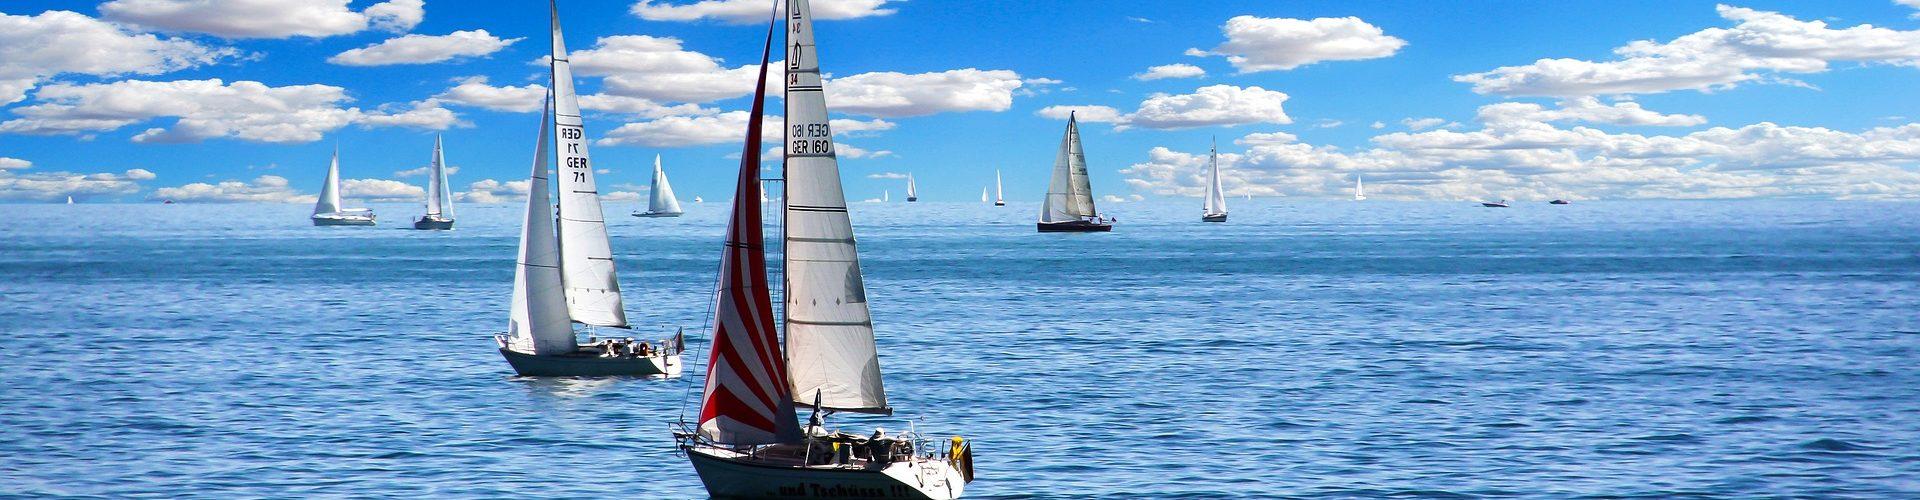 segeln lernen in Kehl segelschein machen in Kehl 1920x500 - Segeln lernen in Kehl